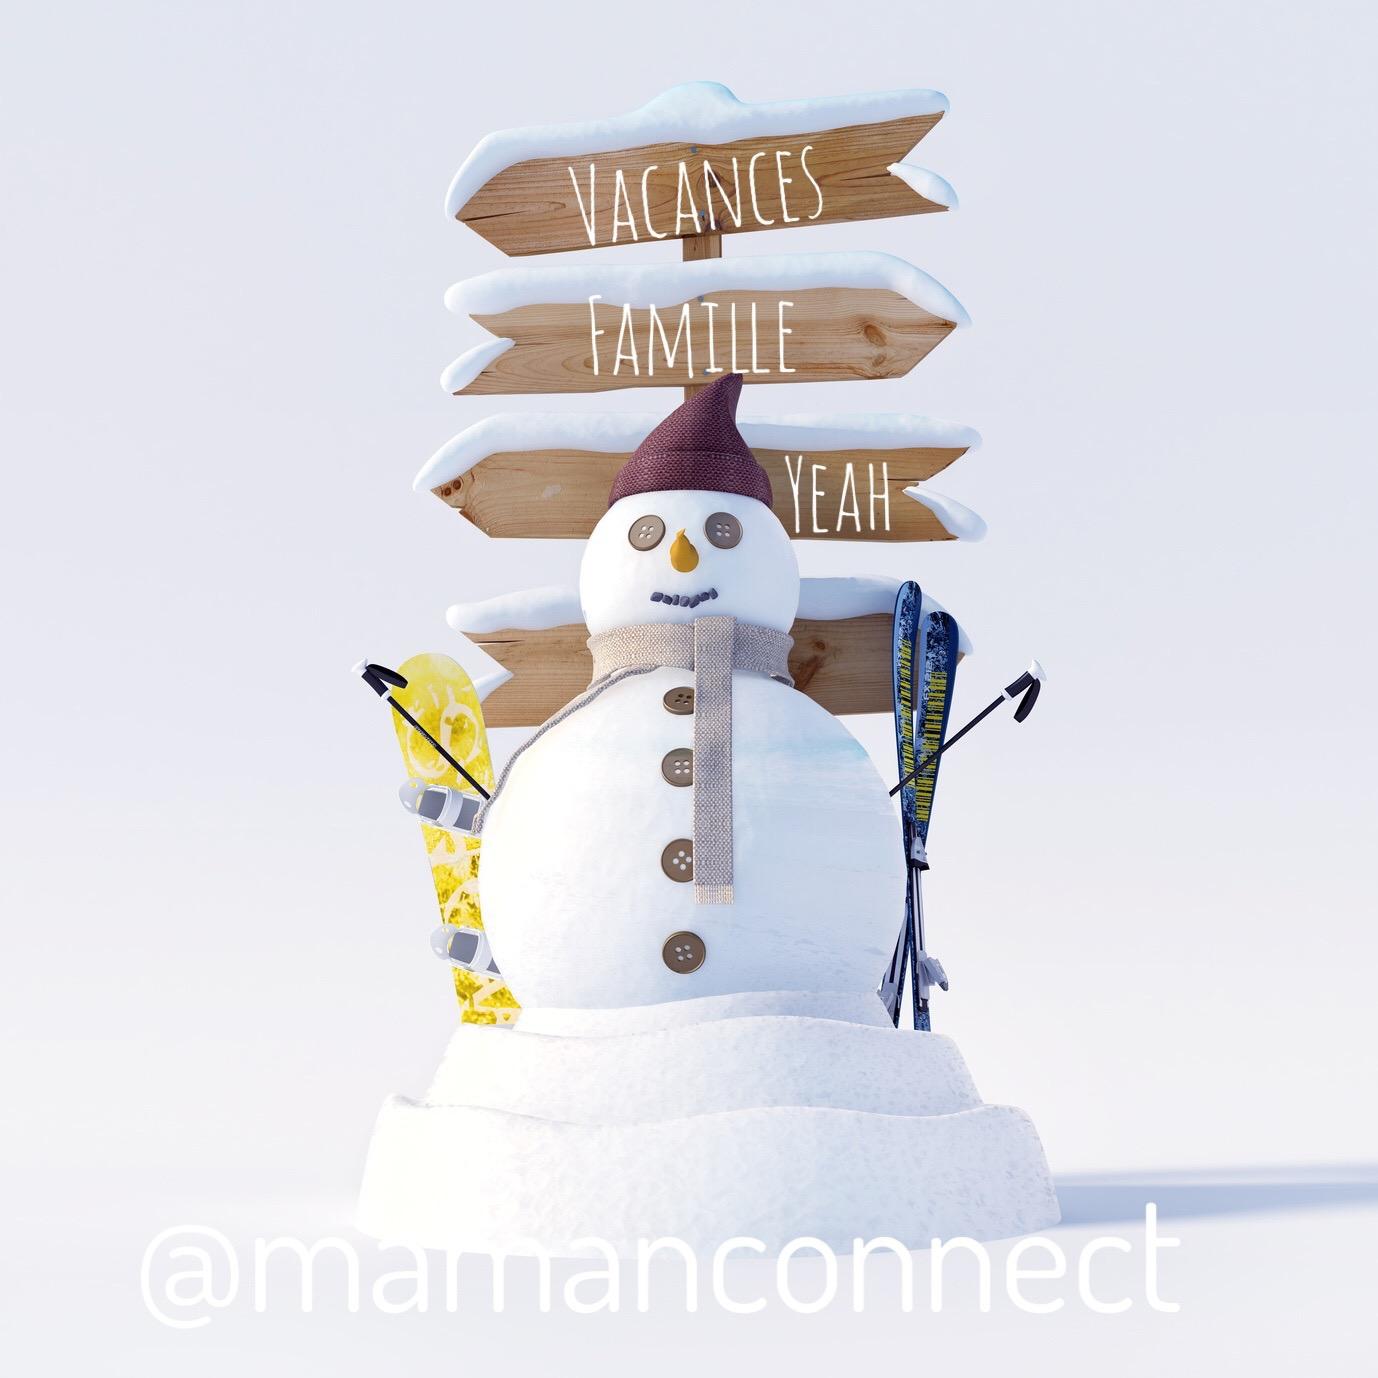 Tenue de ski pour b b la neige maman connect for Maman connect